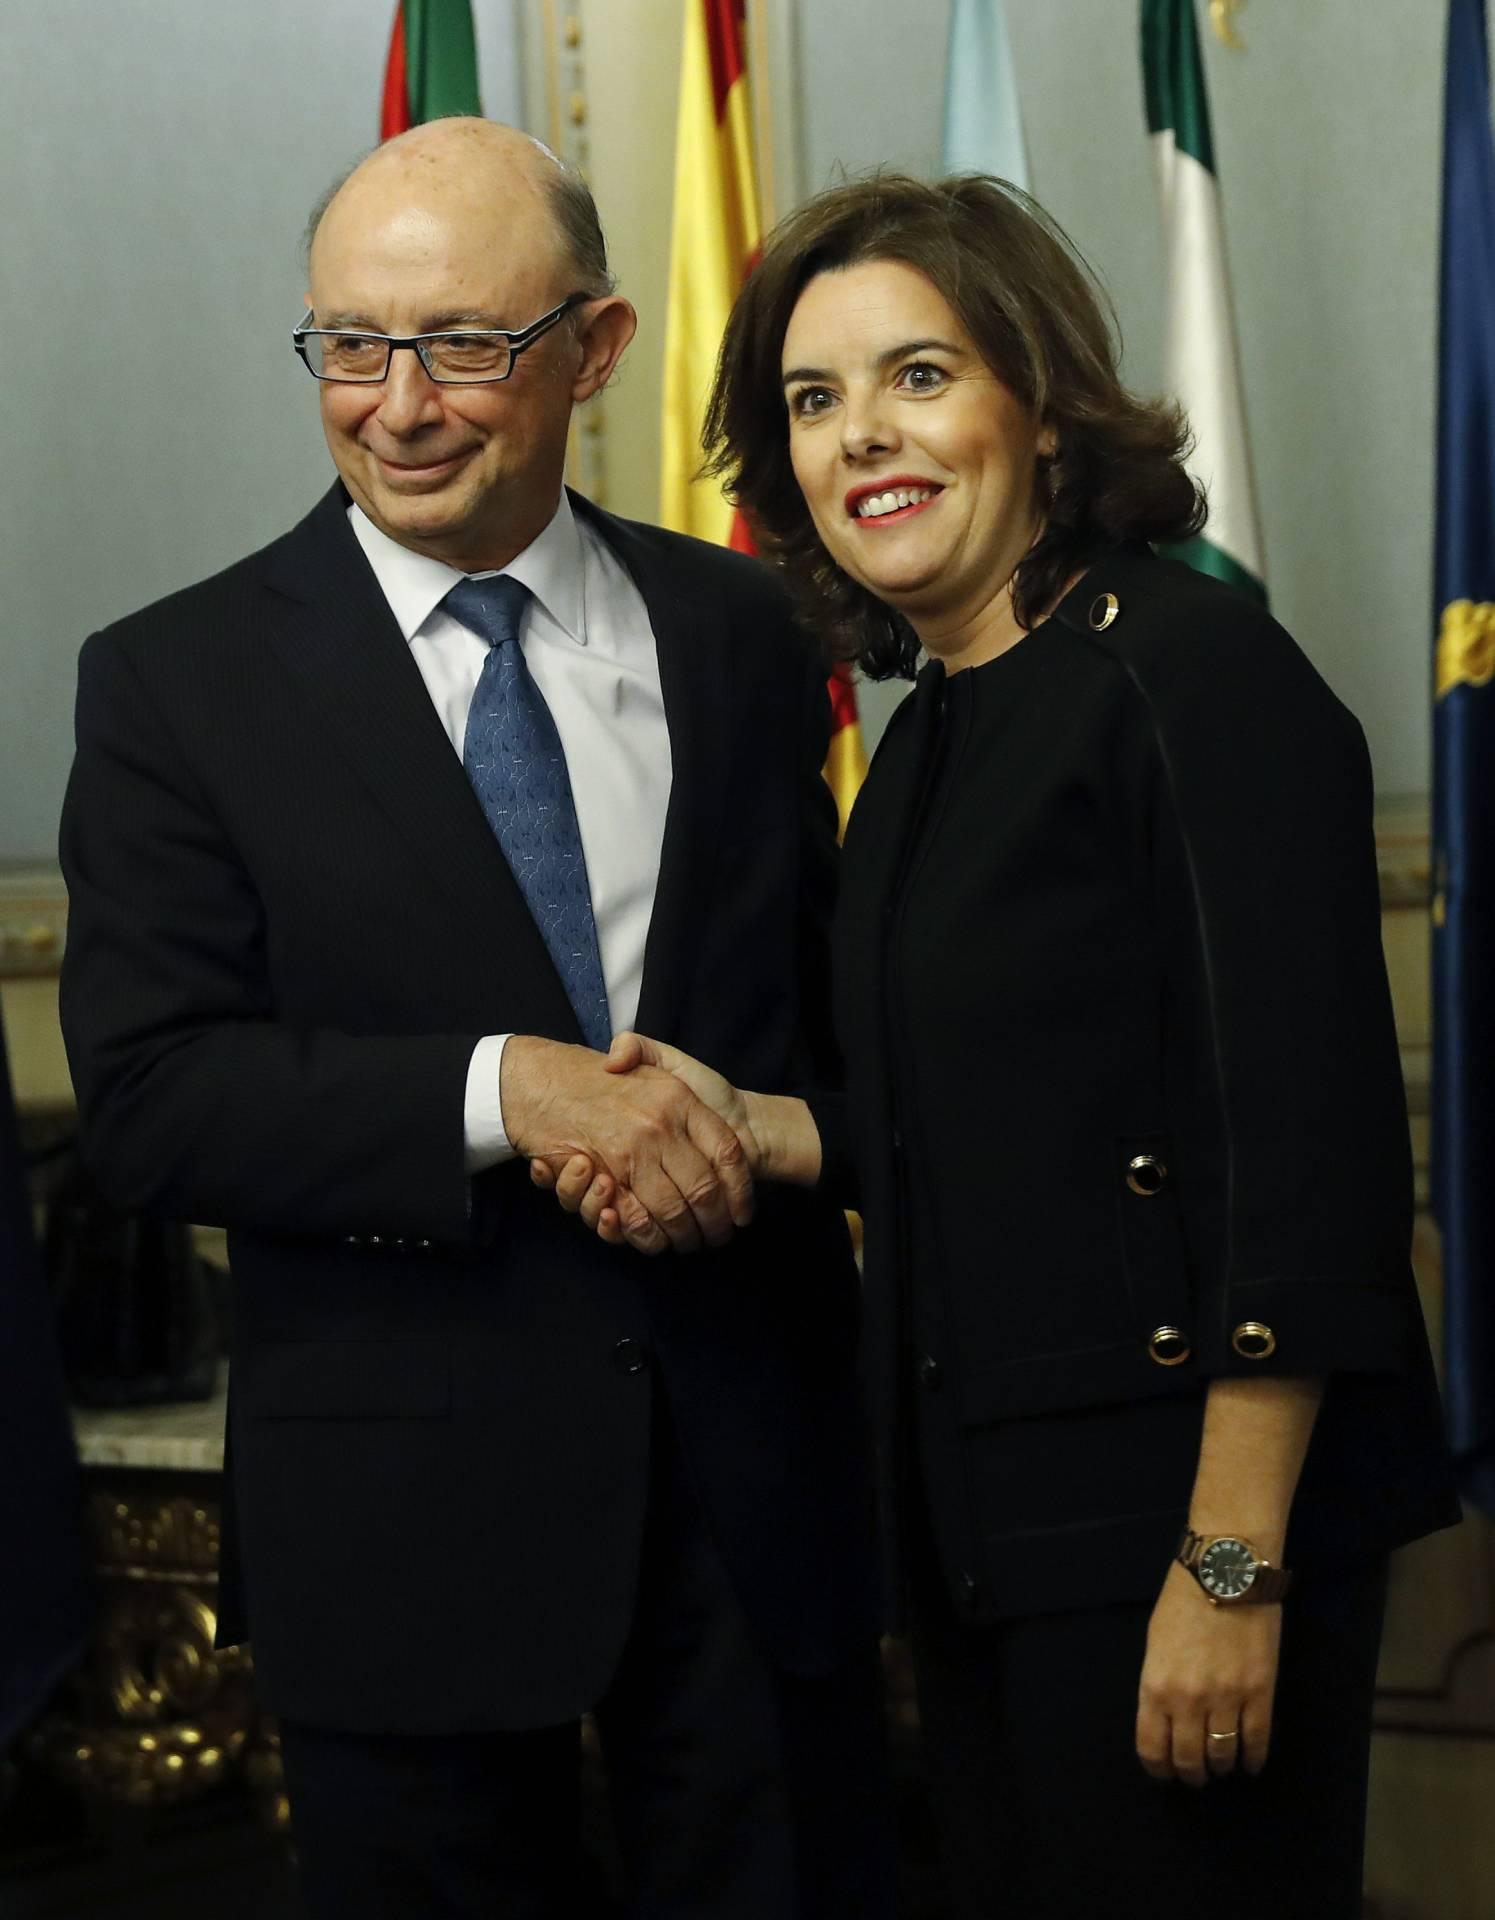 Cristóbal Montoro y Soraya Sáenz de Santamaría.